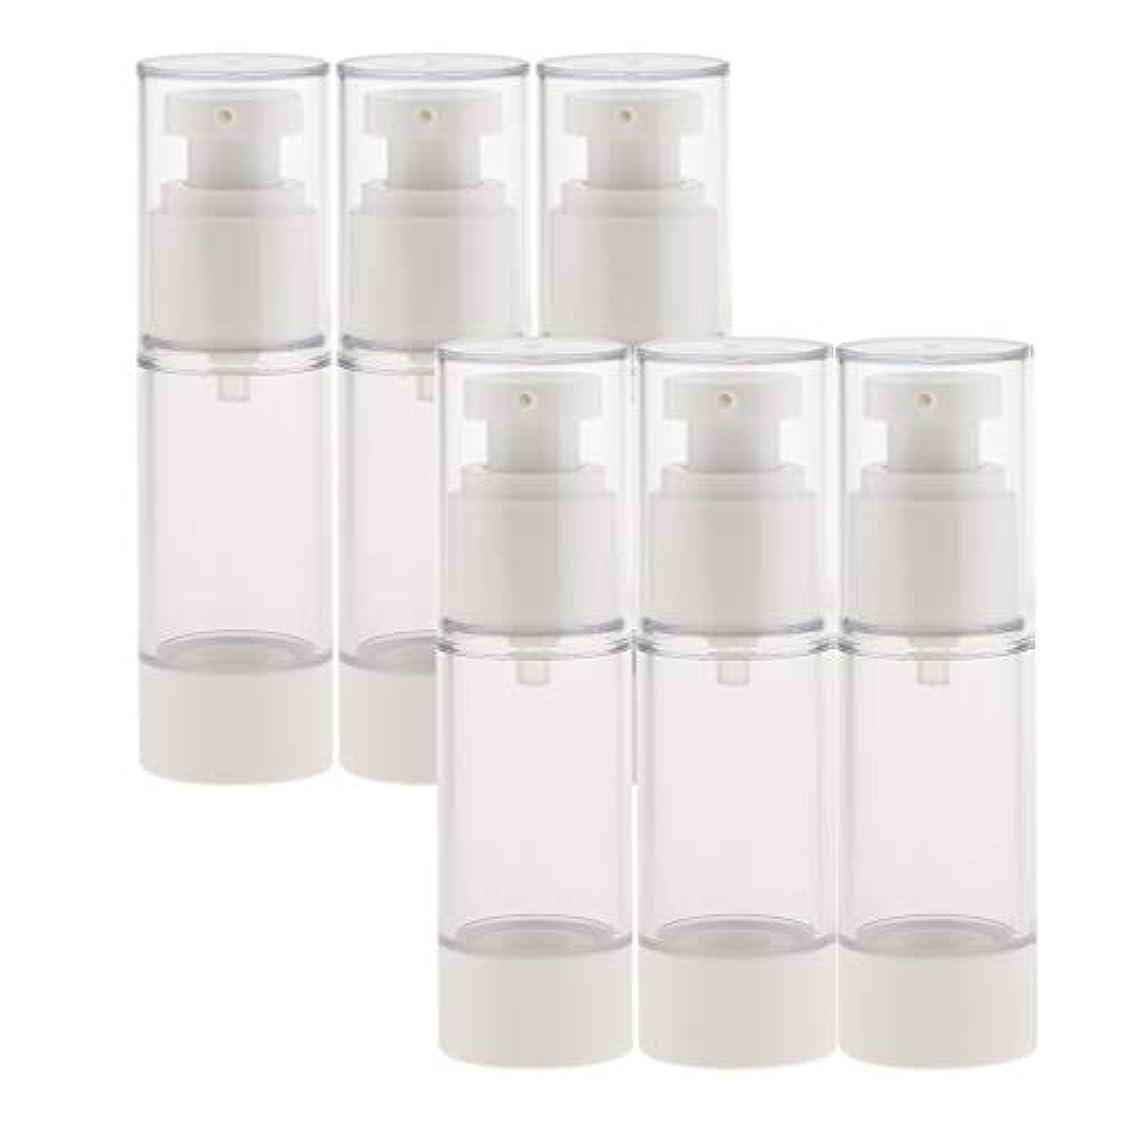 褐色間違いリレーB Baosity 6個 真空スプレーボトル 香水ボトル ポンプボトル コスメ 化粧品 小分け用 詰替え ボトル 2サイズ選べ - 30ミリリットル